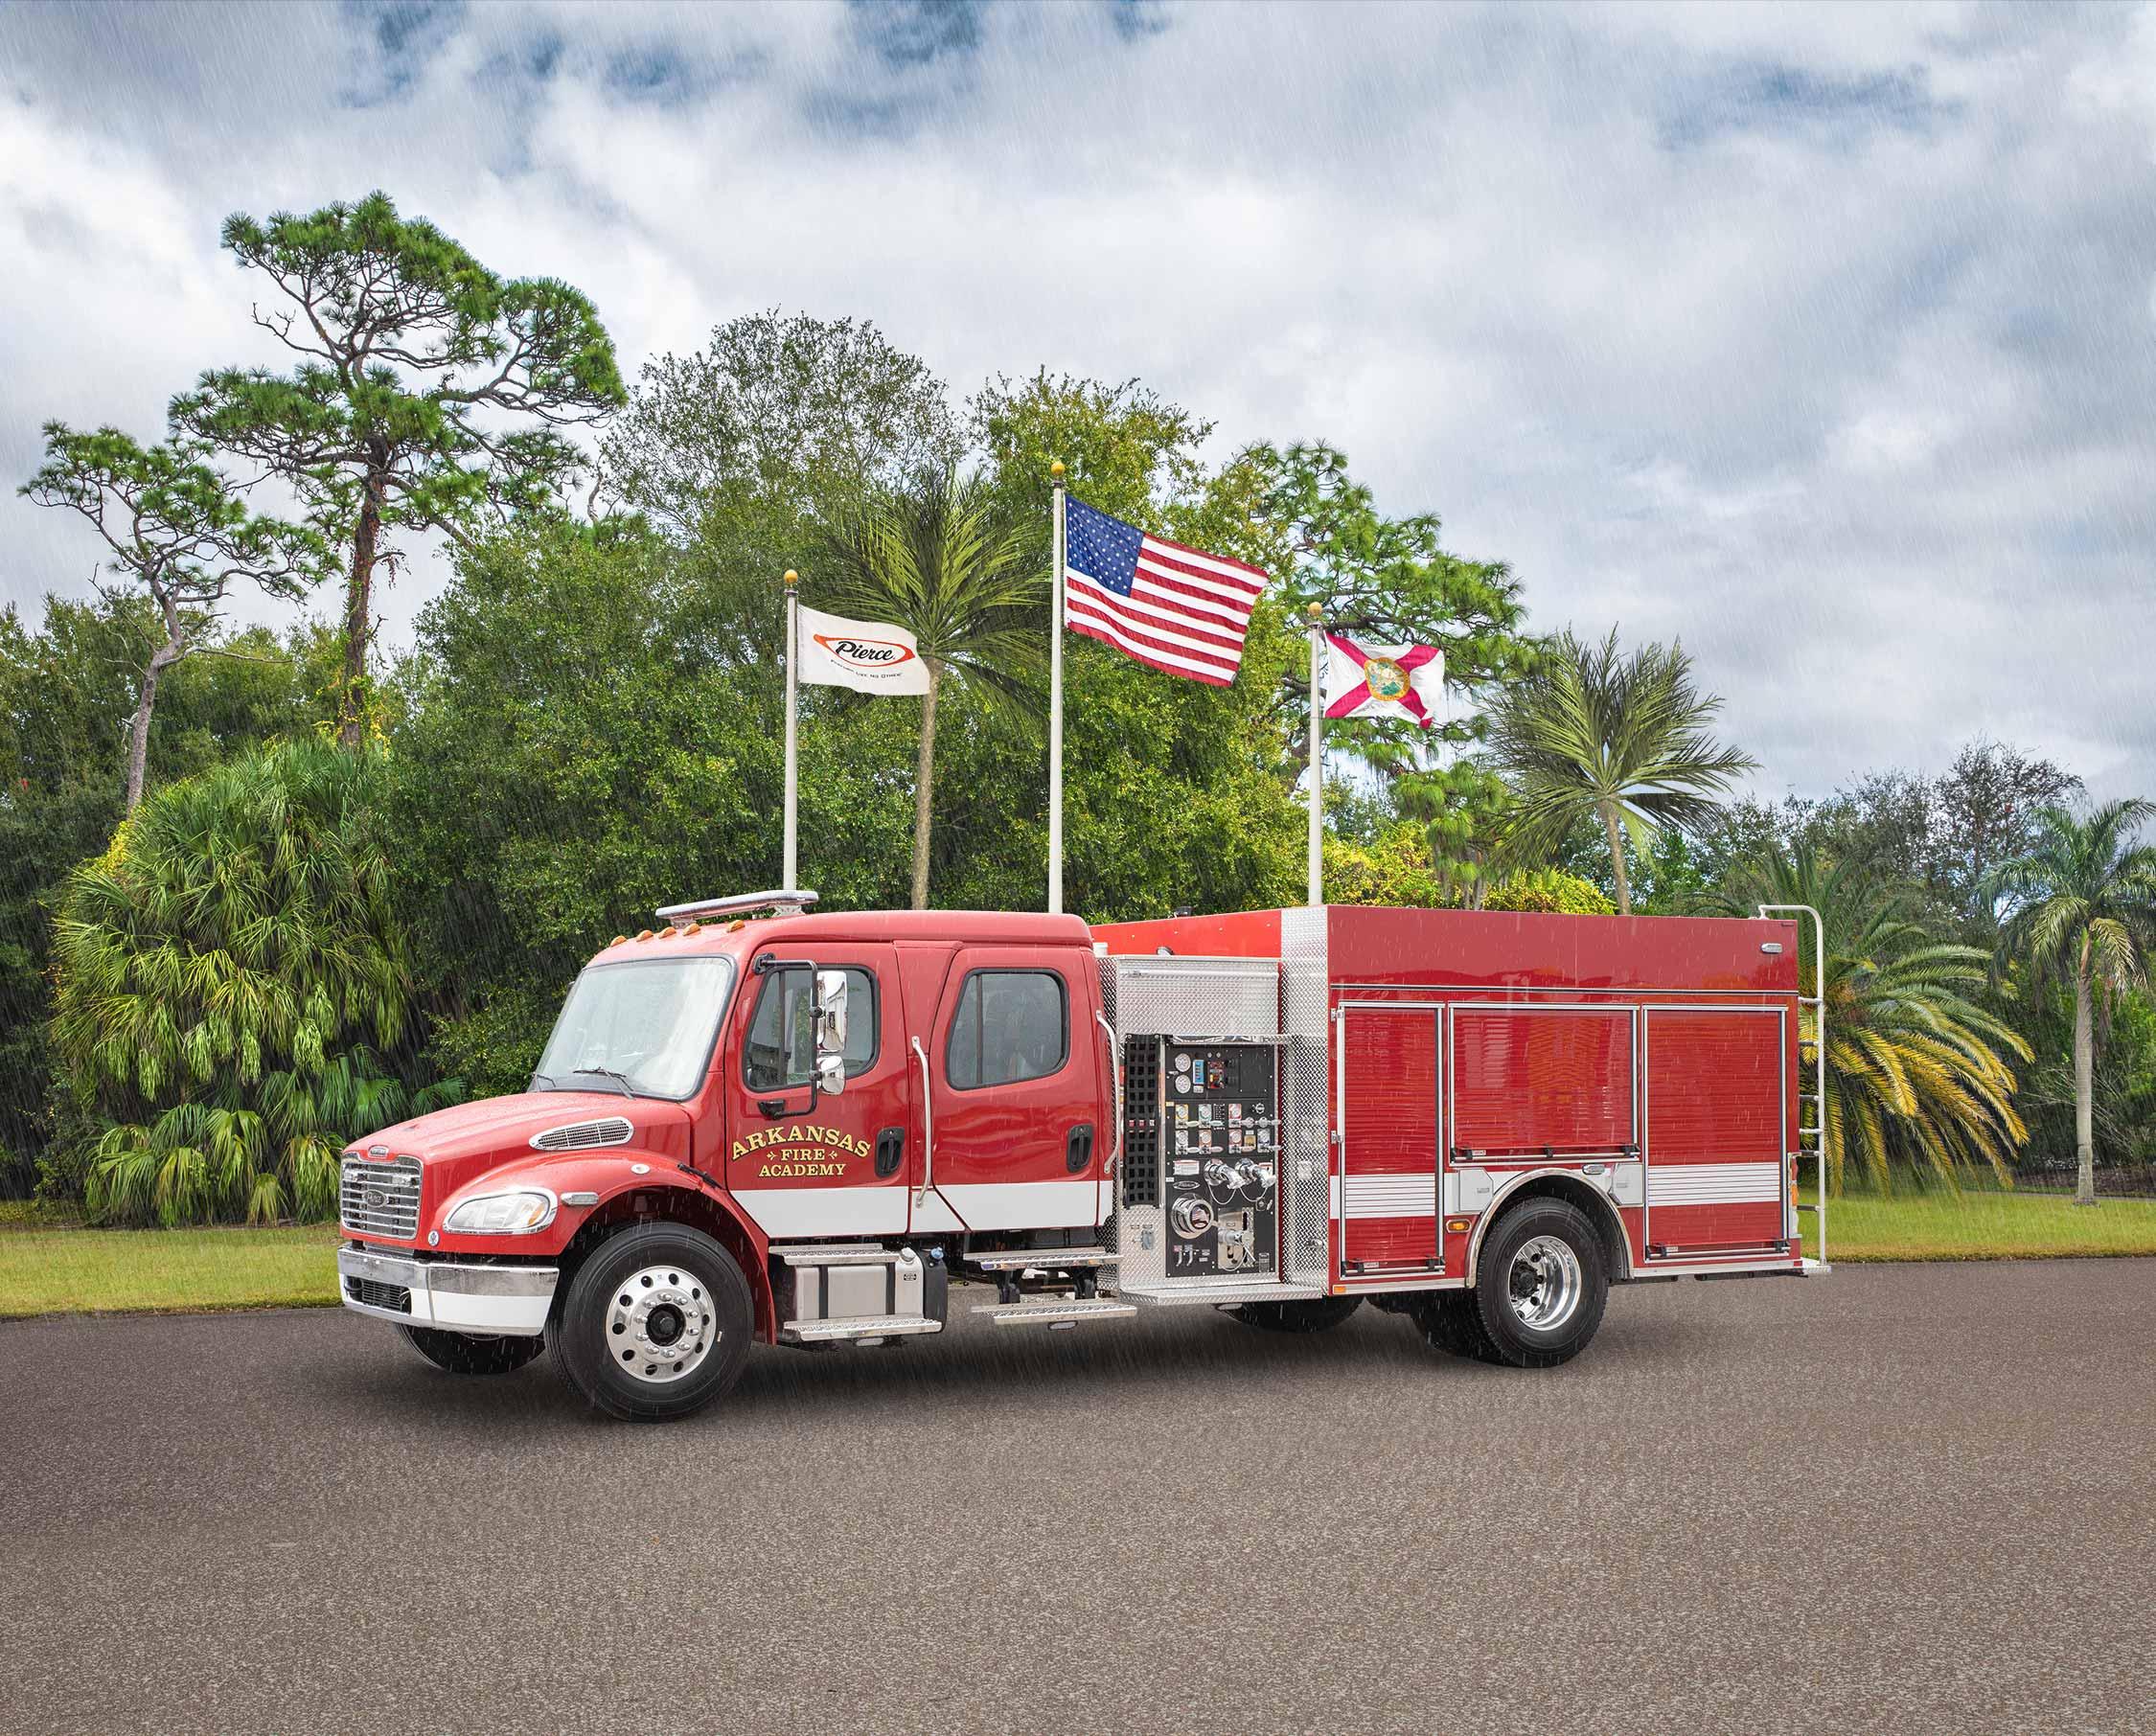 Arkansas Fire Academy - Pumper